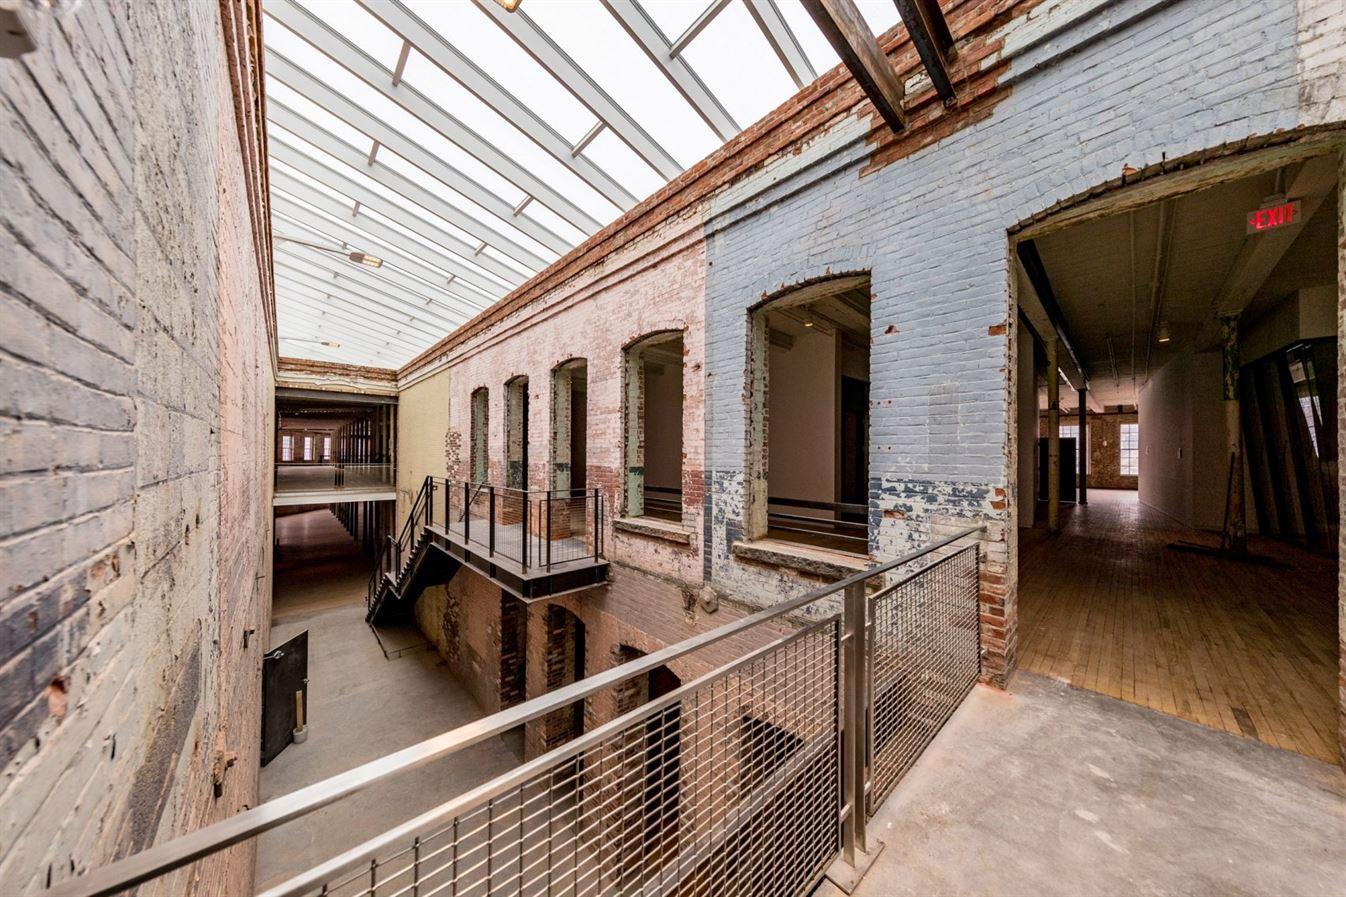 bruner-cott-mass-moca-massachusetts-museum-of-contemporary111111-art-museum-textile-factory-berkshires-expansion-renovation_dezeen_10-170